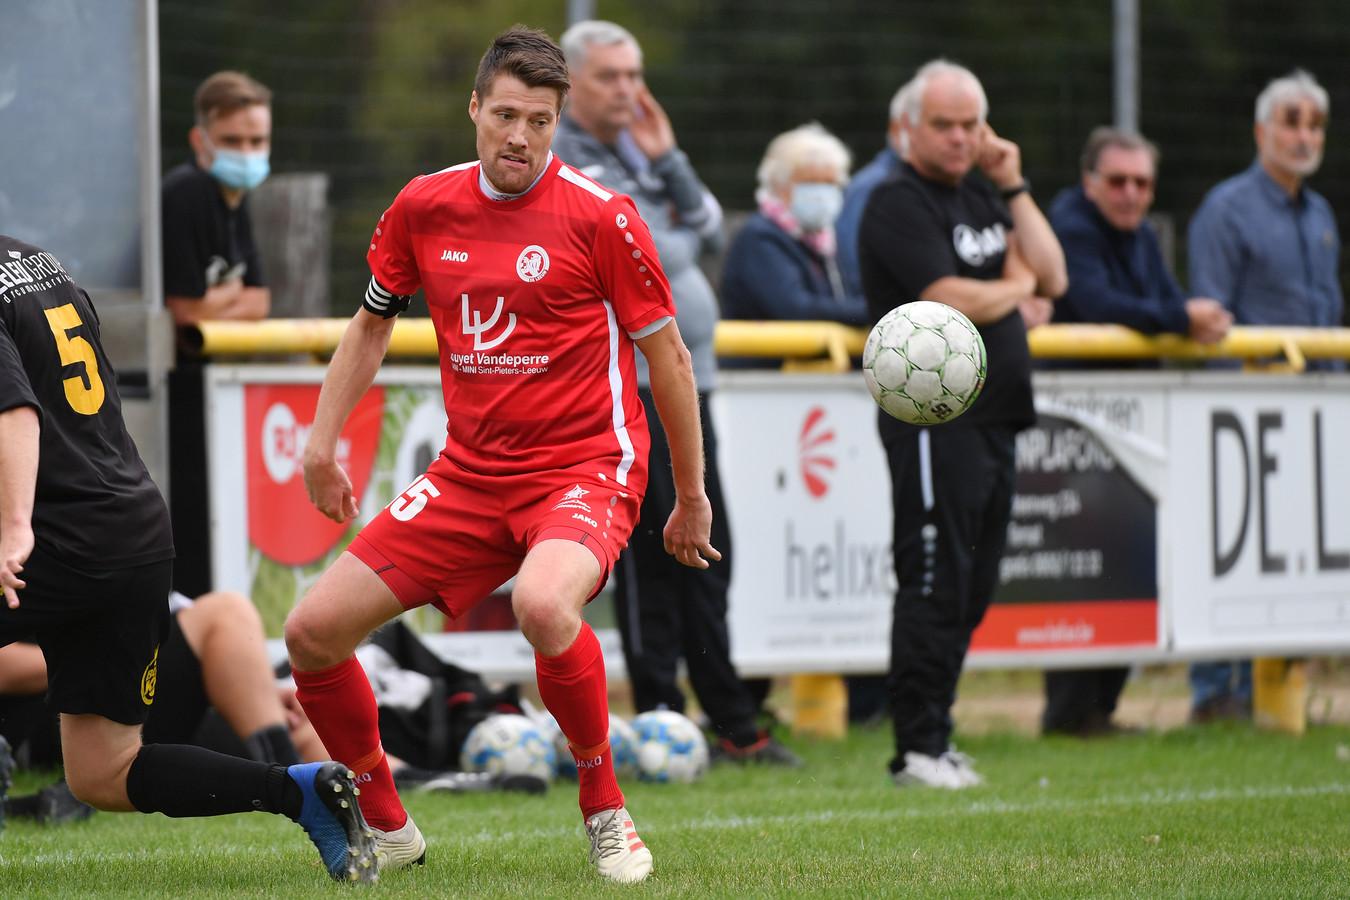 Stefan Berth hoopt nog even te kunnen doorgaan in het provinciaal voetbal.